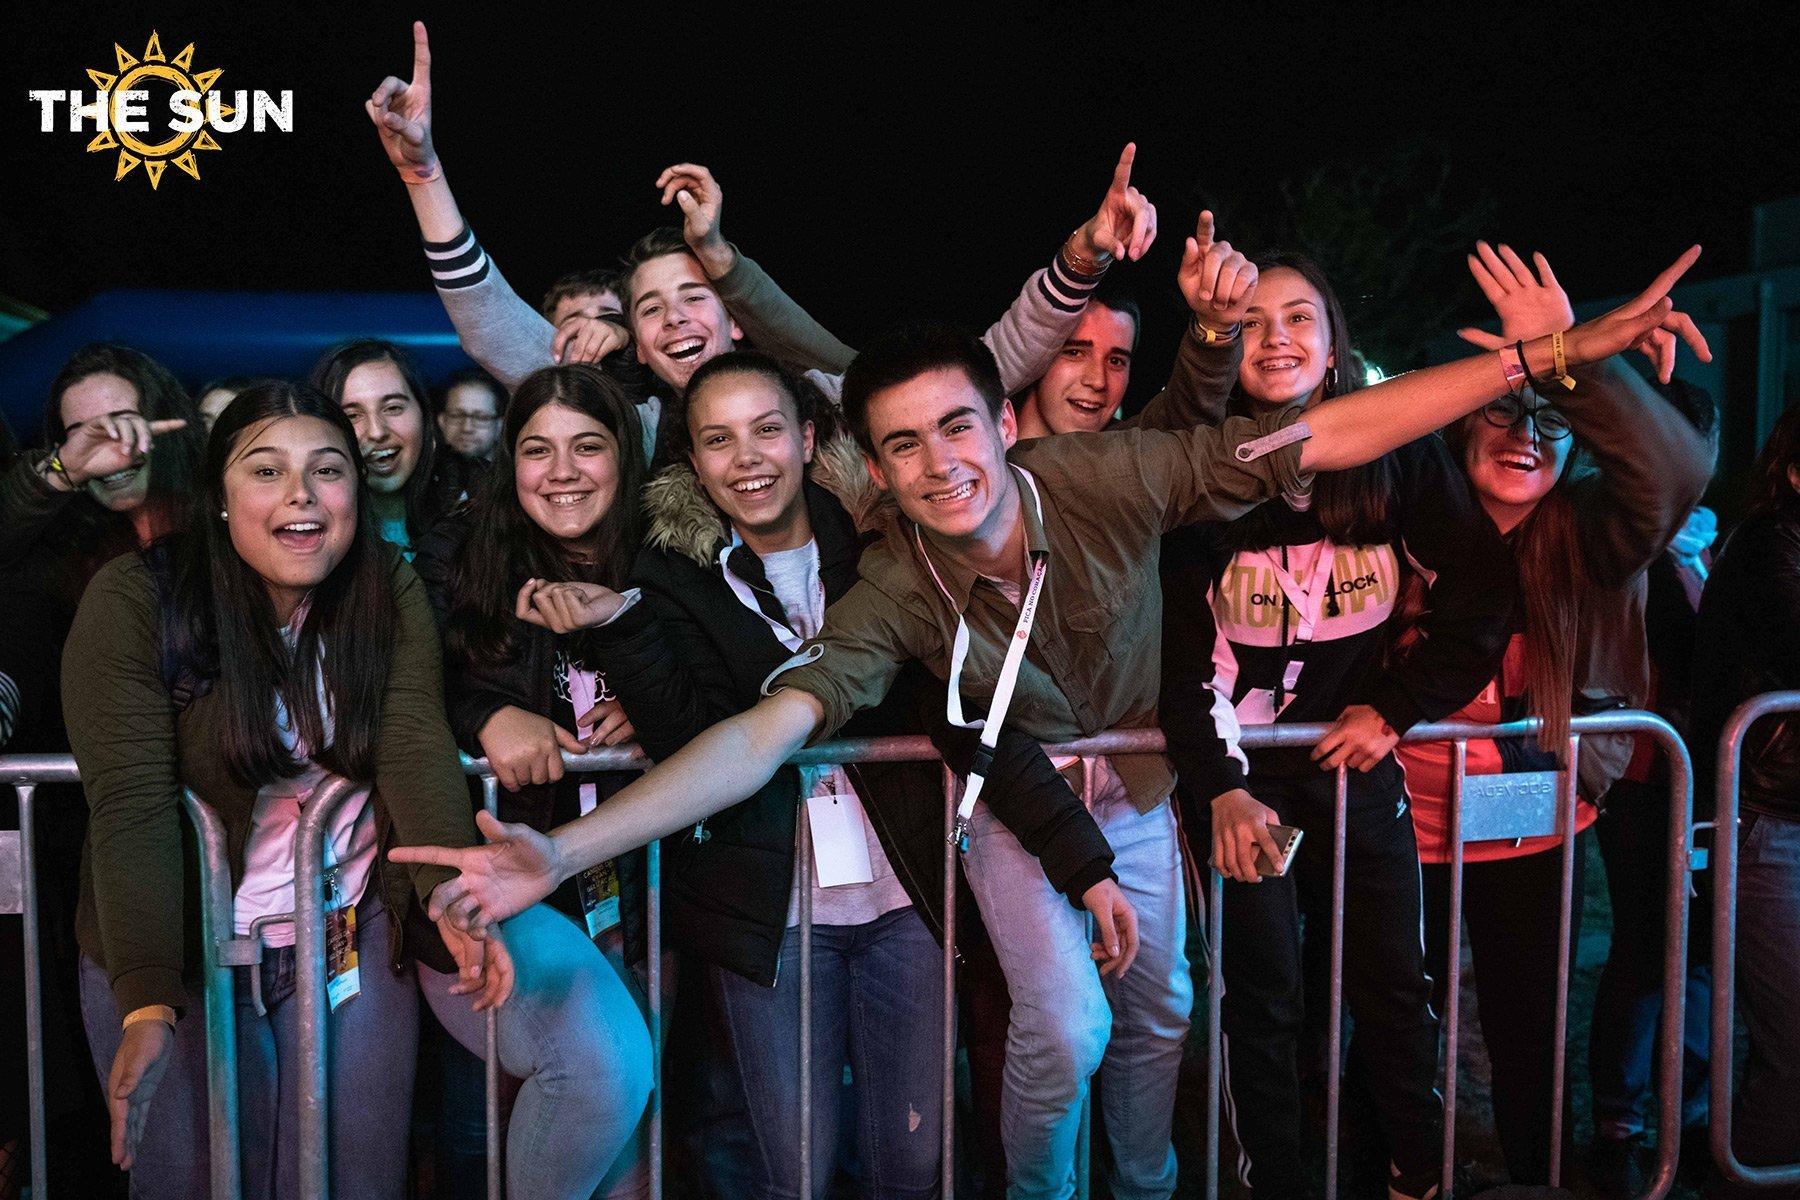 the sun rock band viana do castelo portogallo